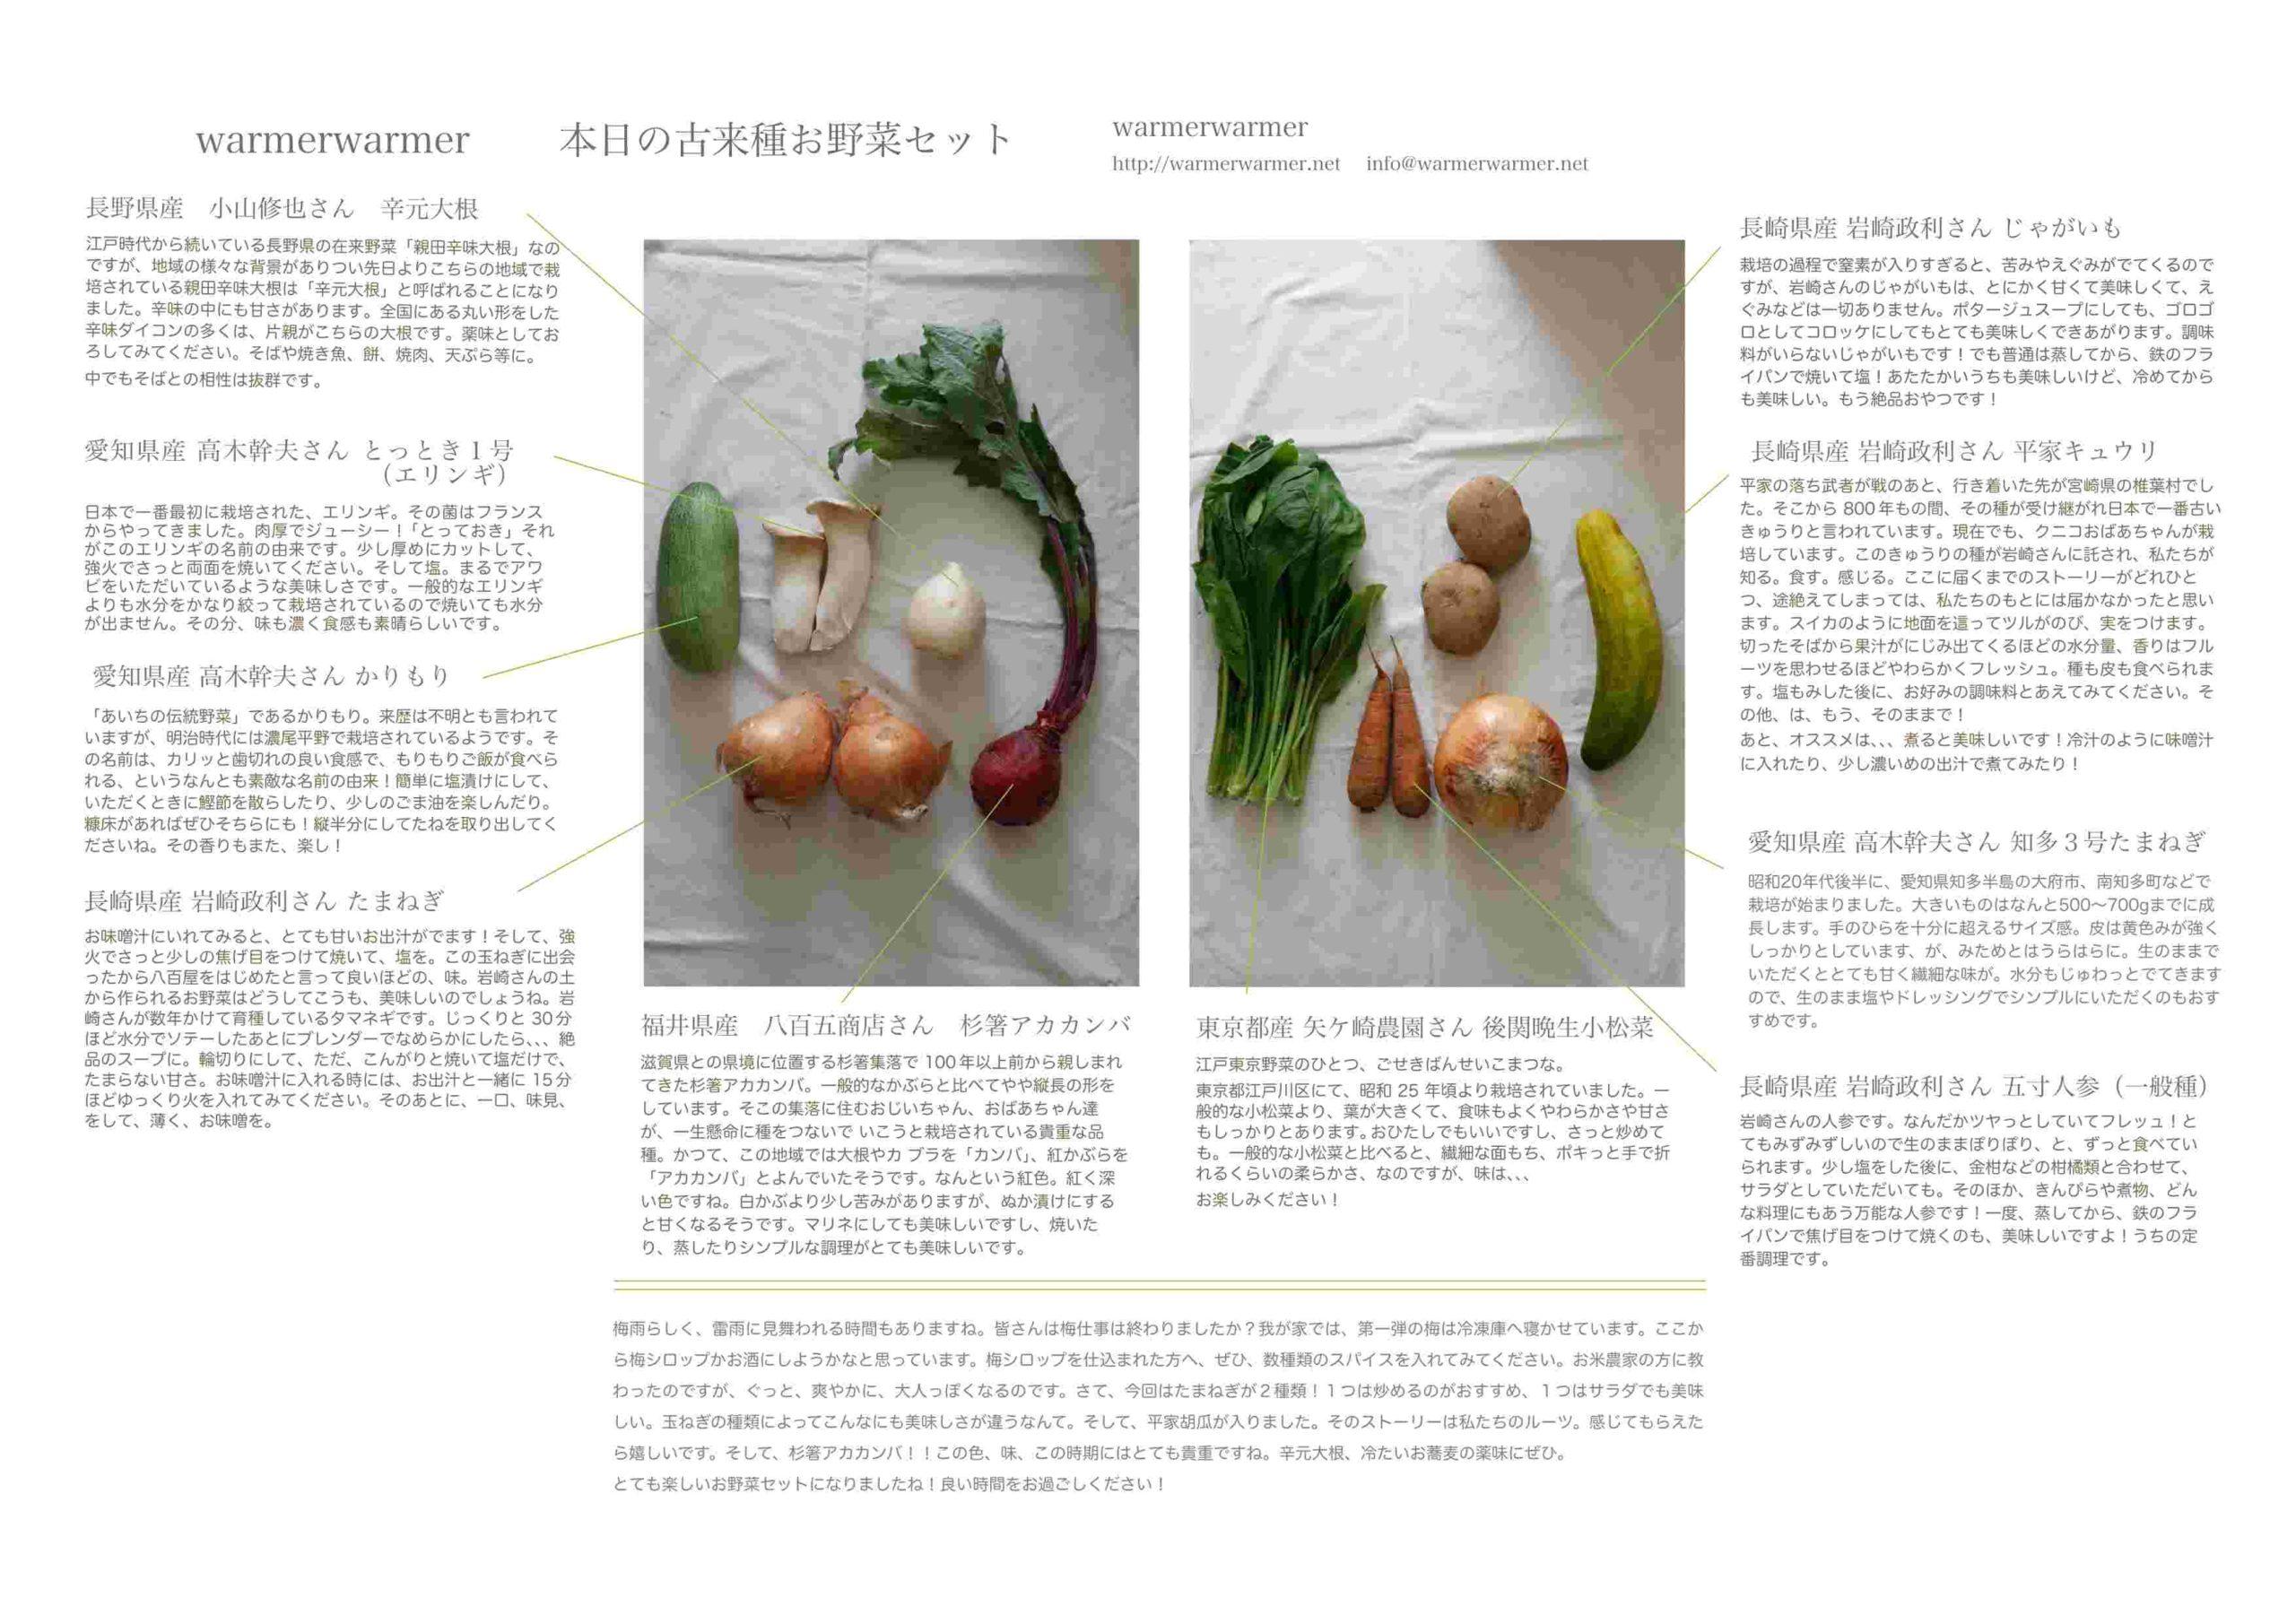 6月18日 本日のお野菜セットの内容です。